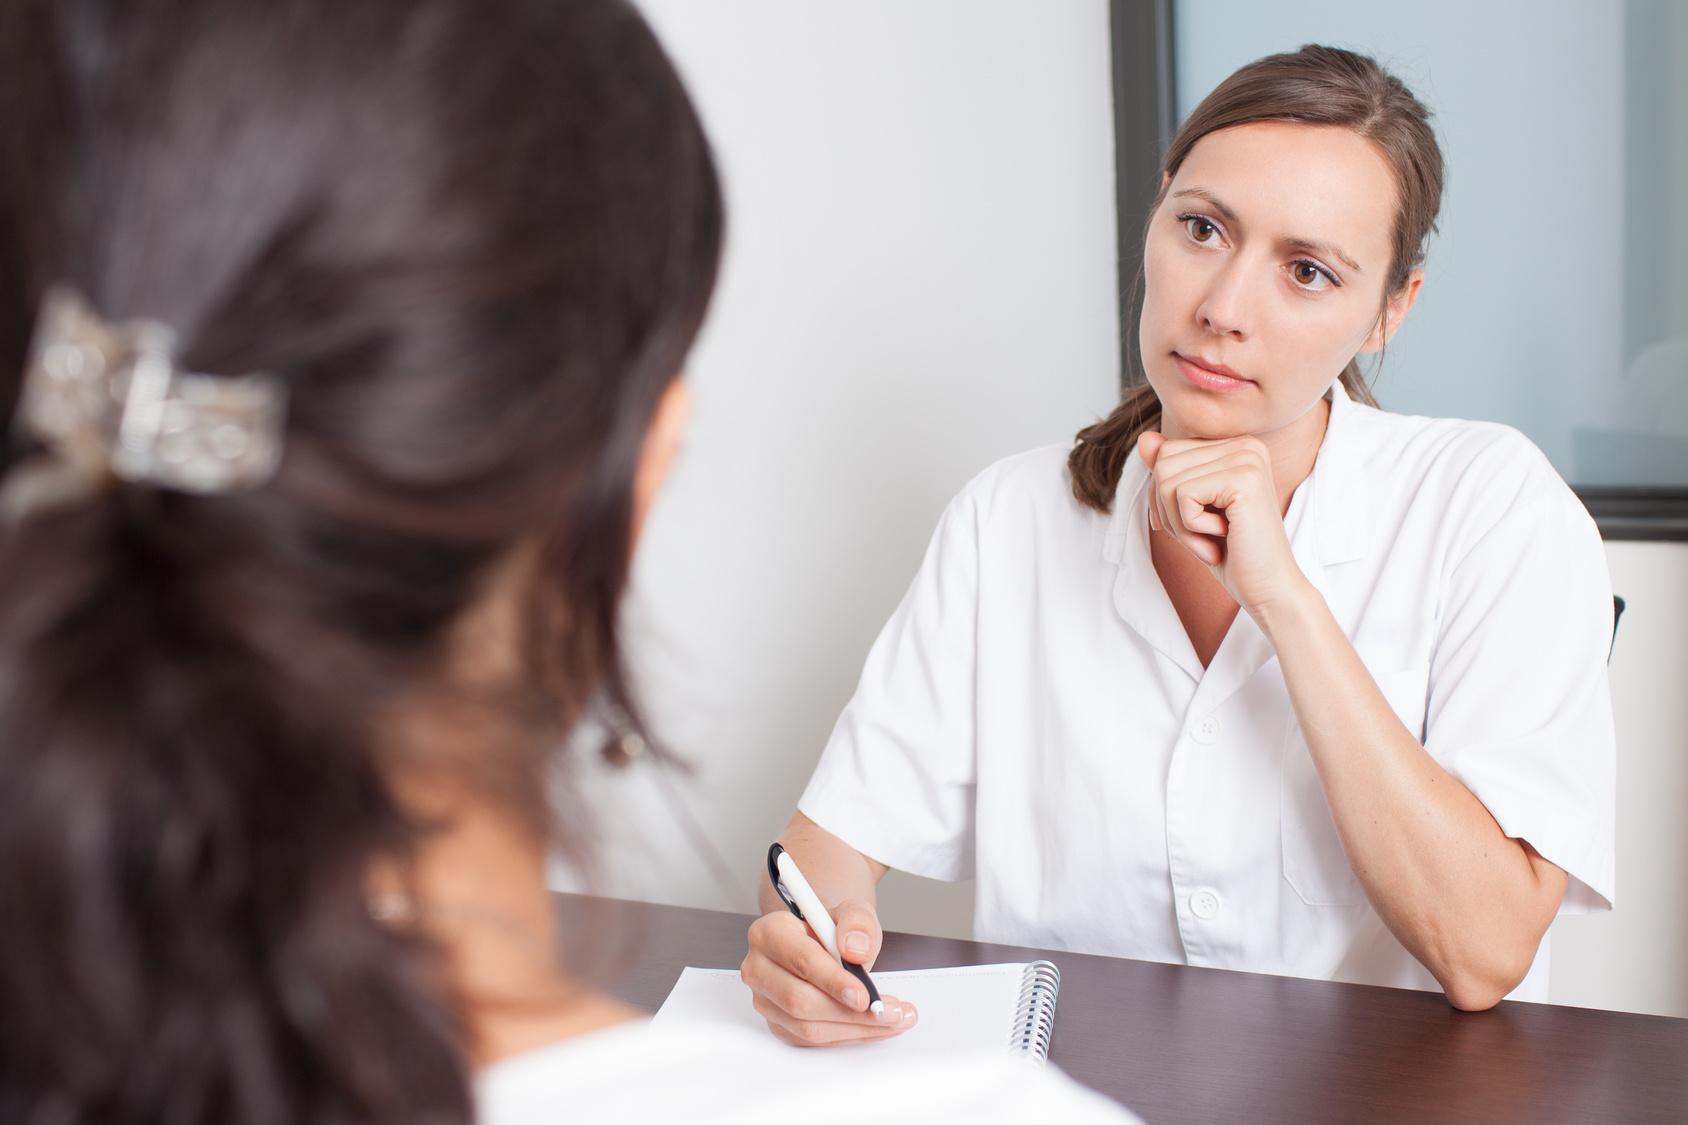 Папиллярная кистома яичника – гинекологическое заболевание, вызванное серозной опухолью на овариальной ткани.